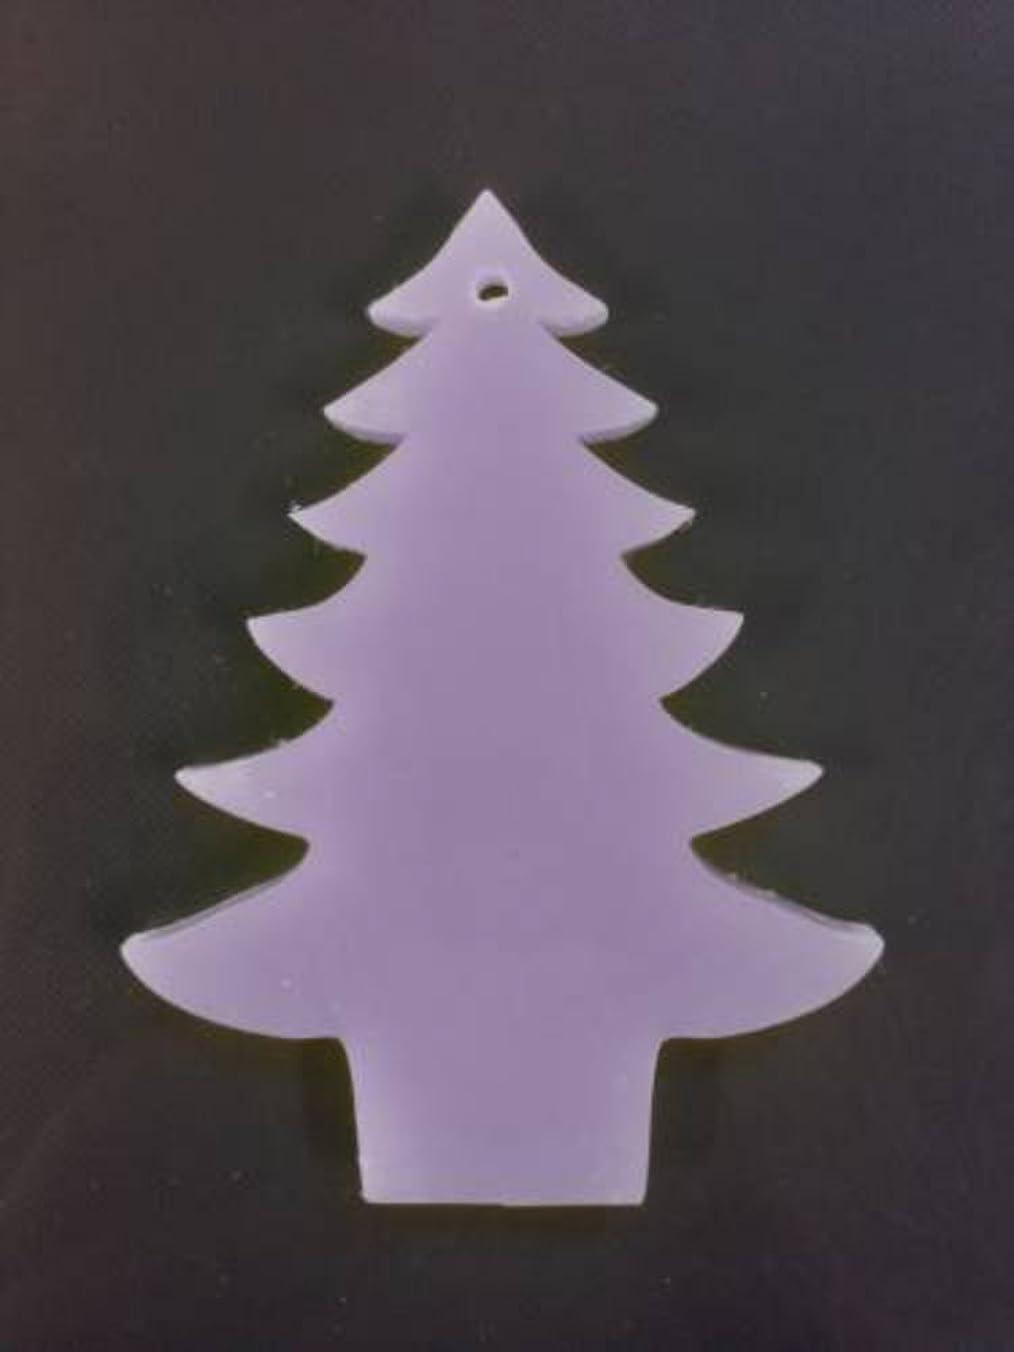 コア暴行偽物GRASSE TOKYO AROMATICWAXチャーム「ツリー」(PU) ラベンダー アロマティックワックス グラーストウキョウ